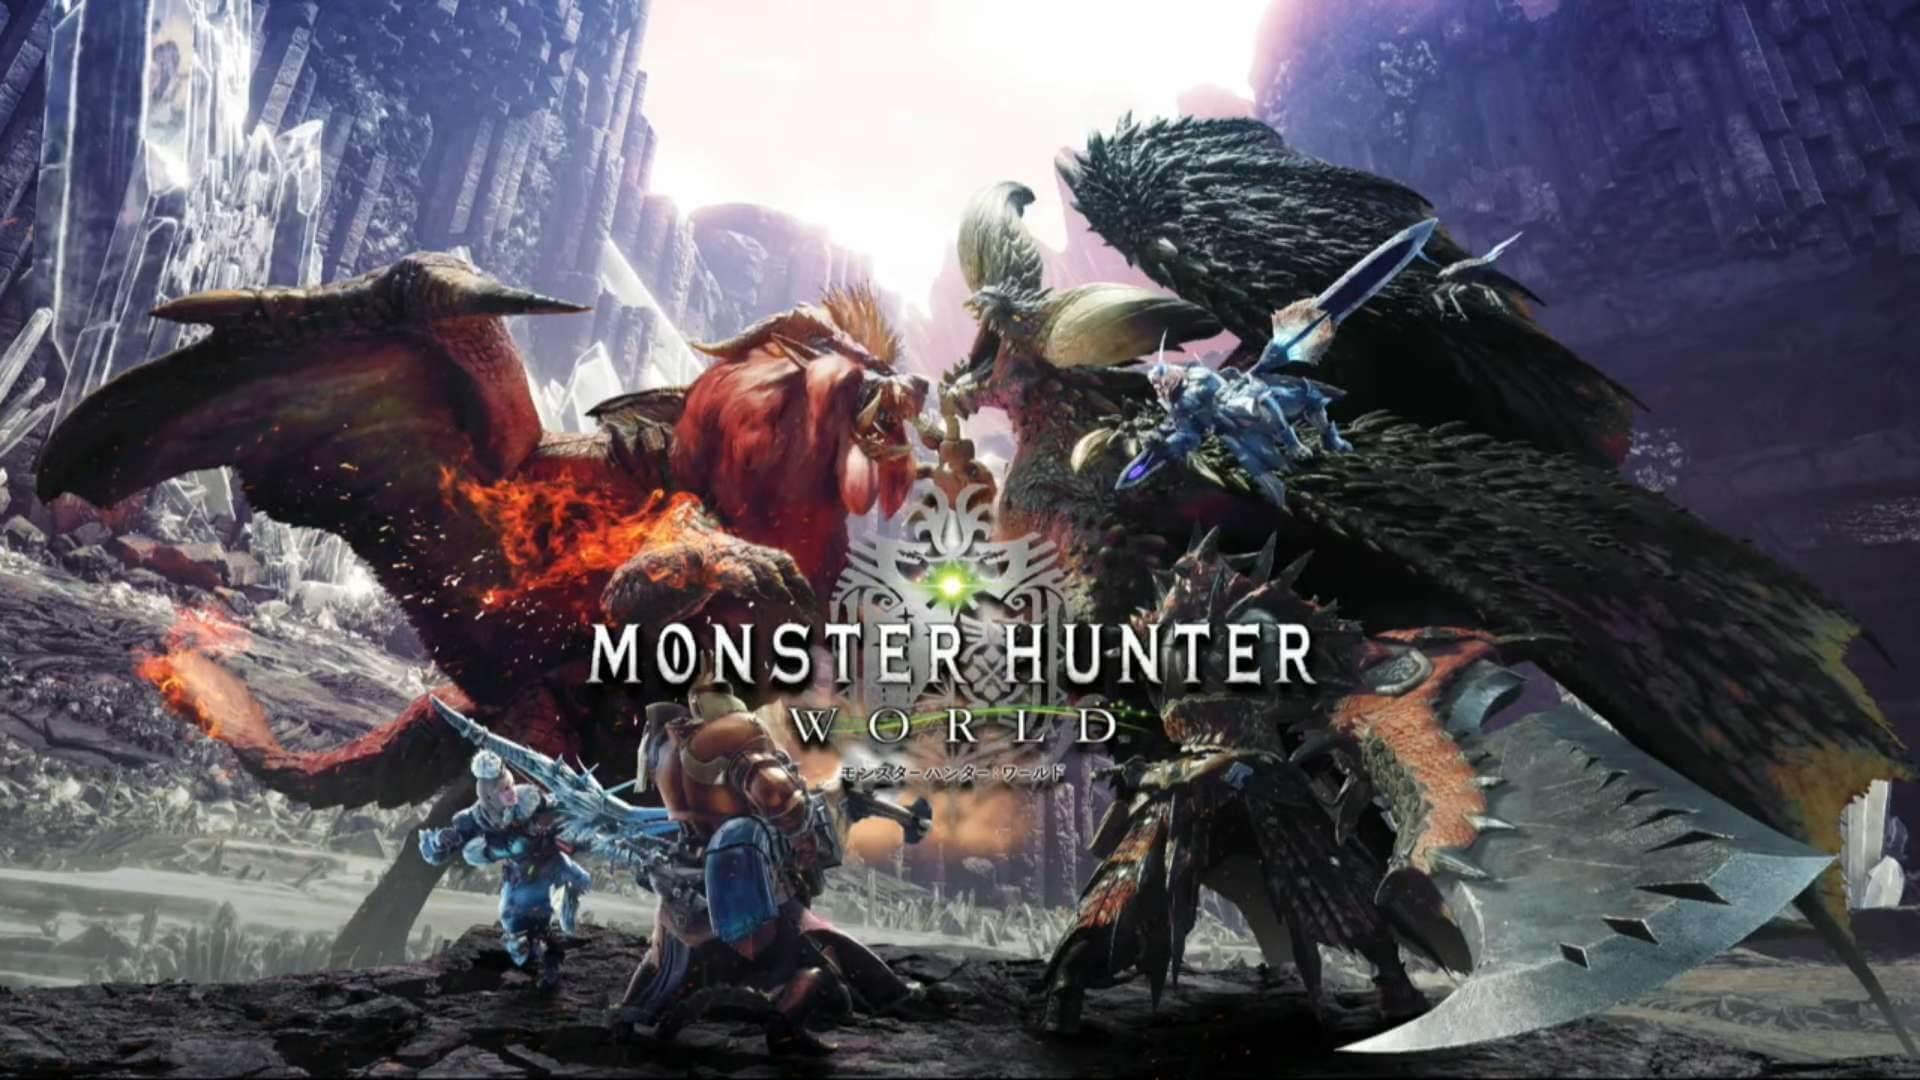 Как в Monster Hunter World пройти квест Wiggle Me This и получить шлем Вигглера